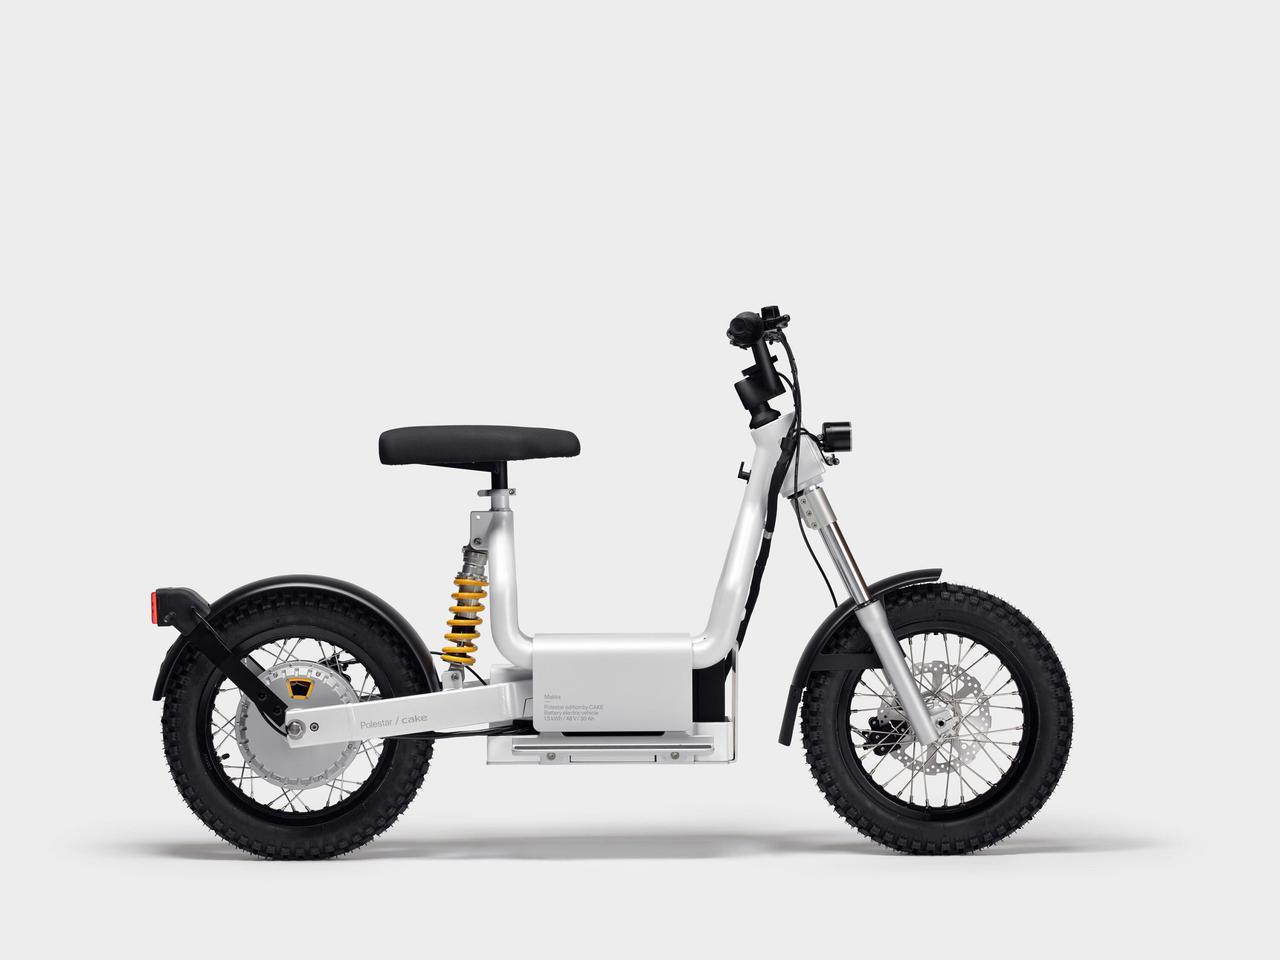 画像: 米国と欧州市場向けに、現在予約受付中のMakka=マッカ。車重は55kg(除くバッテリー)と軽量で、誰でも扱える電動モペッドというコンセプトで生まれたモデルです。 ridecake.com